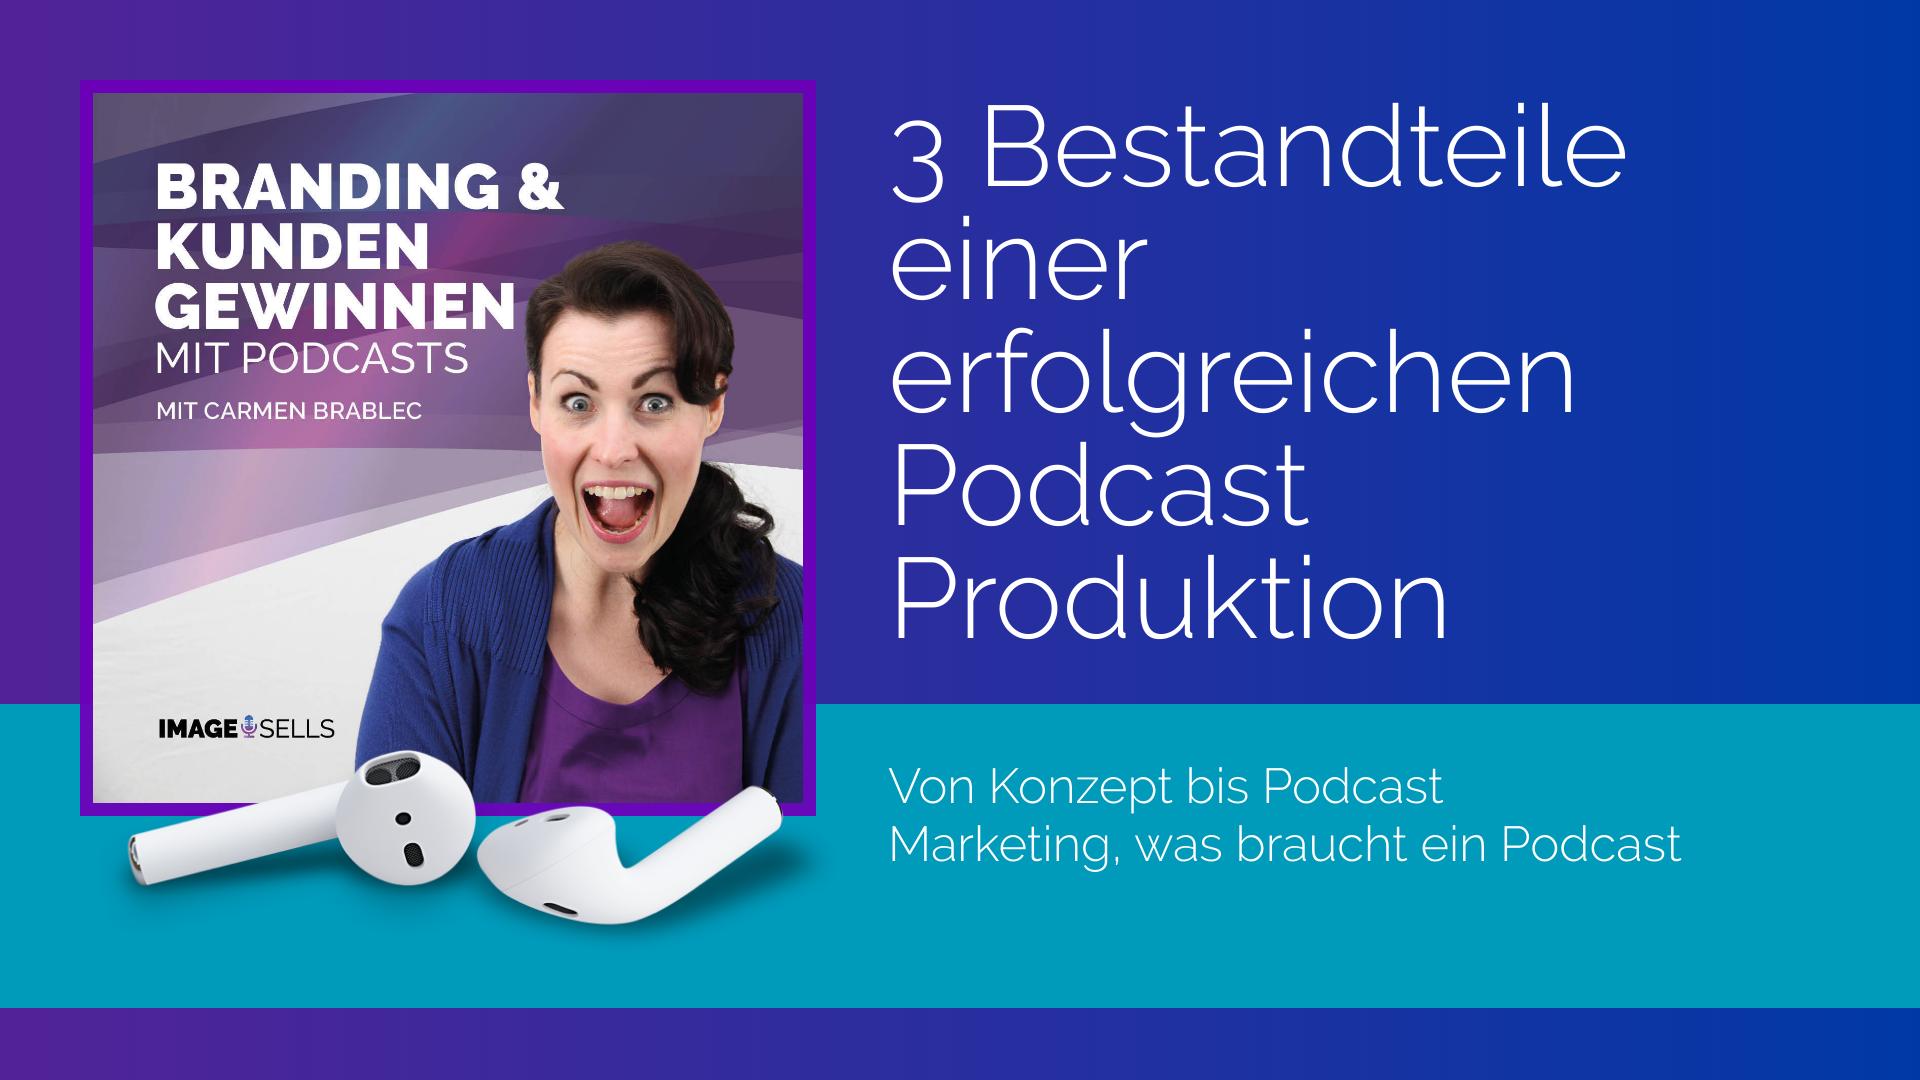 3 Bestandteile einer erfolgreichen Podcast Produktion